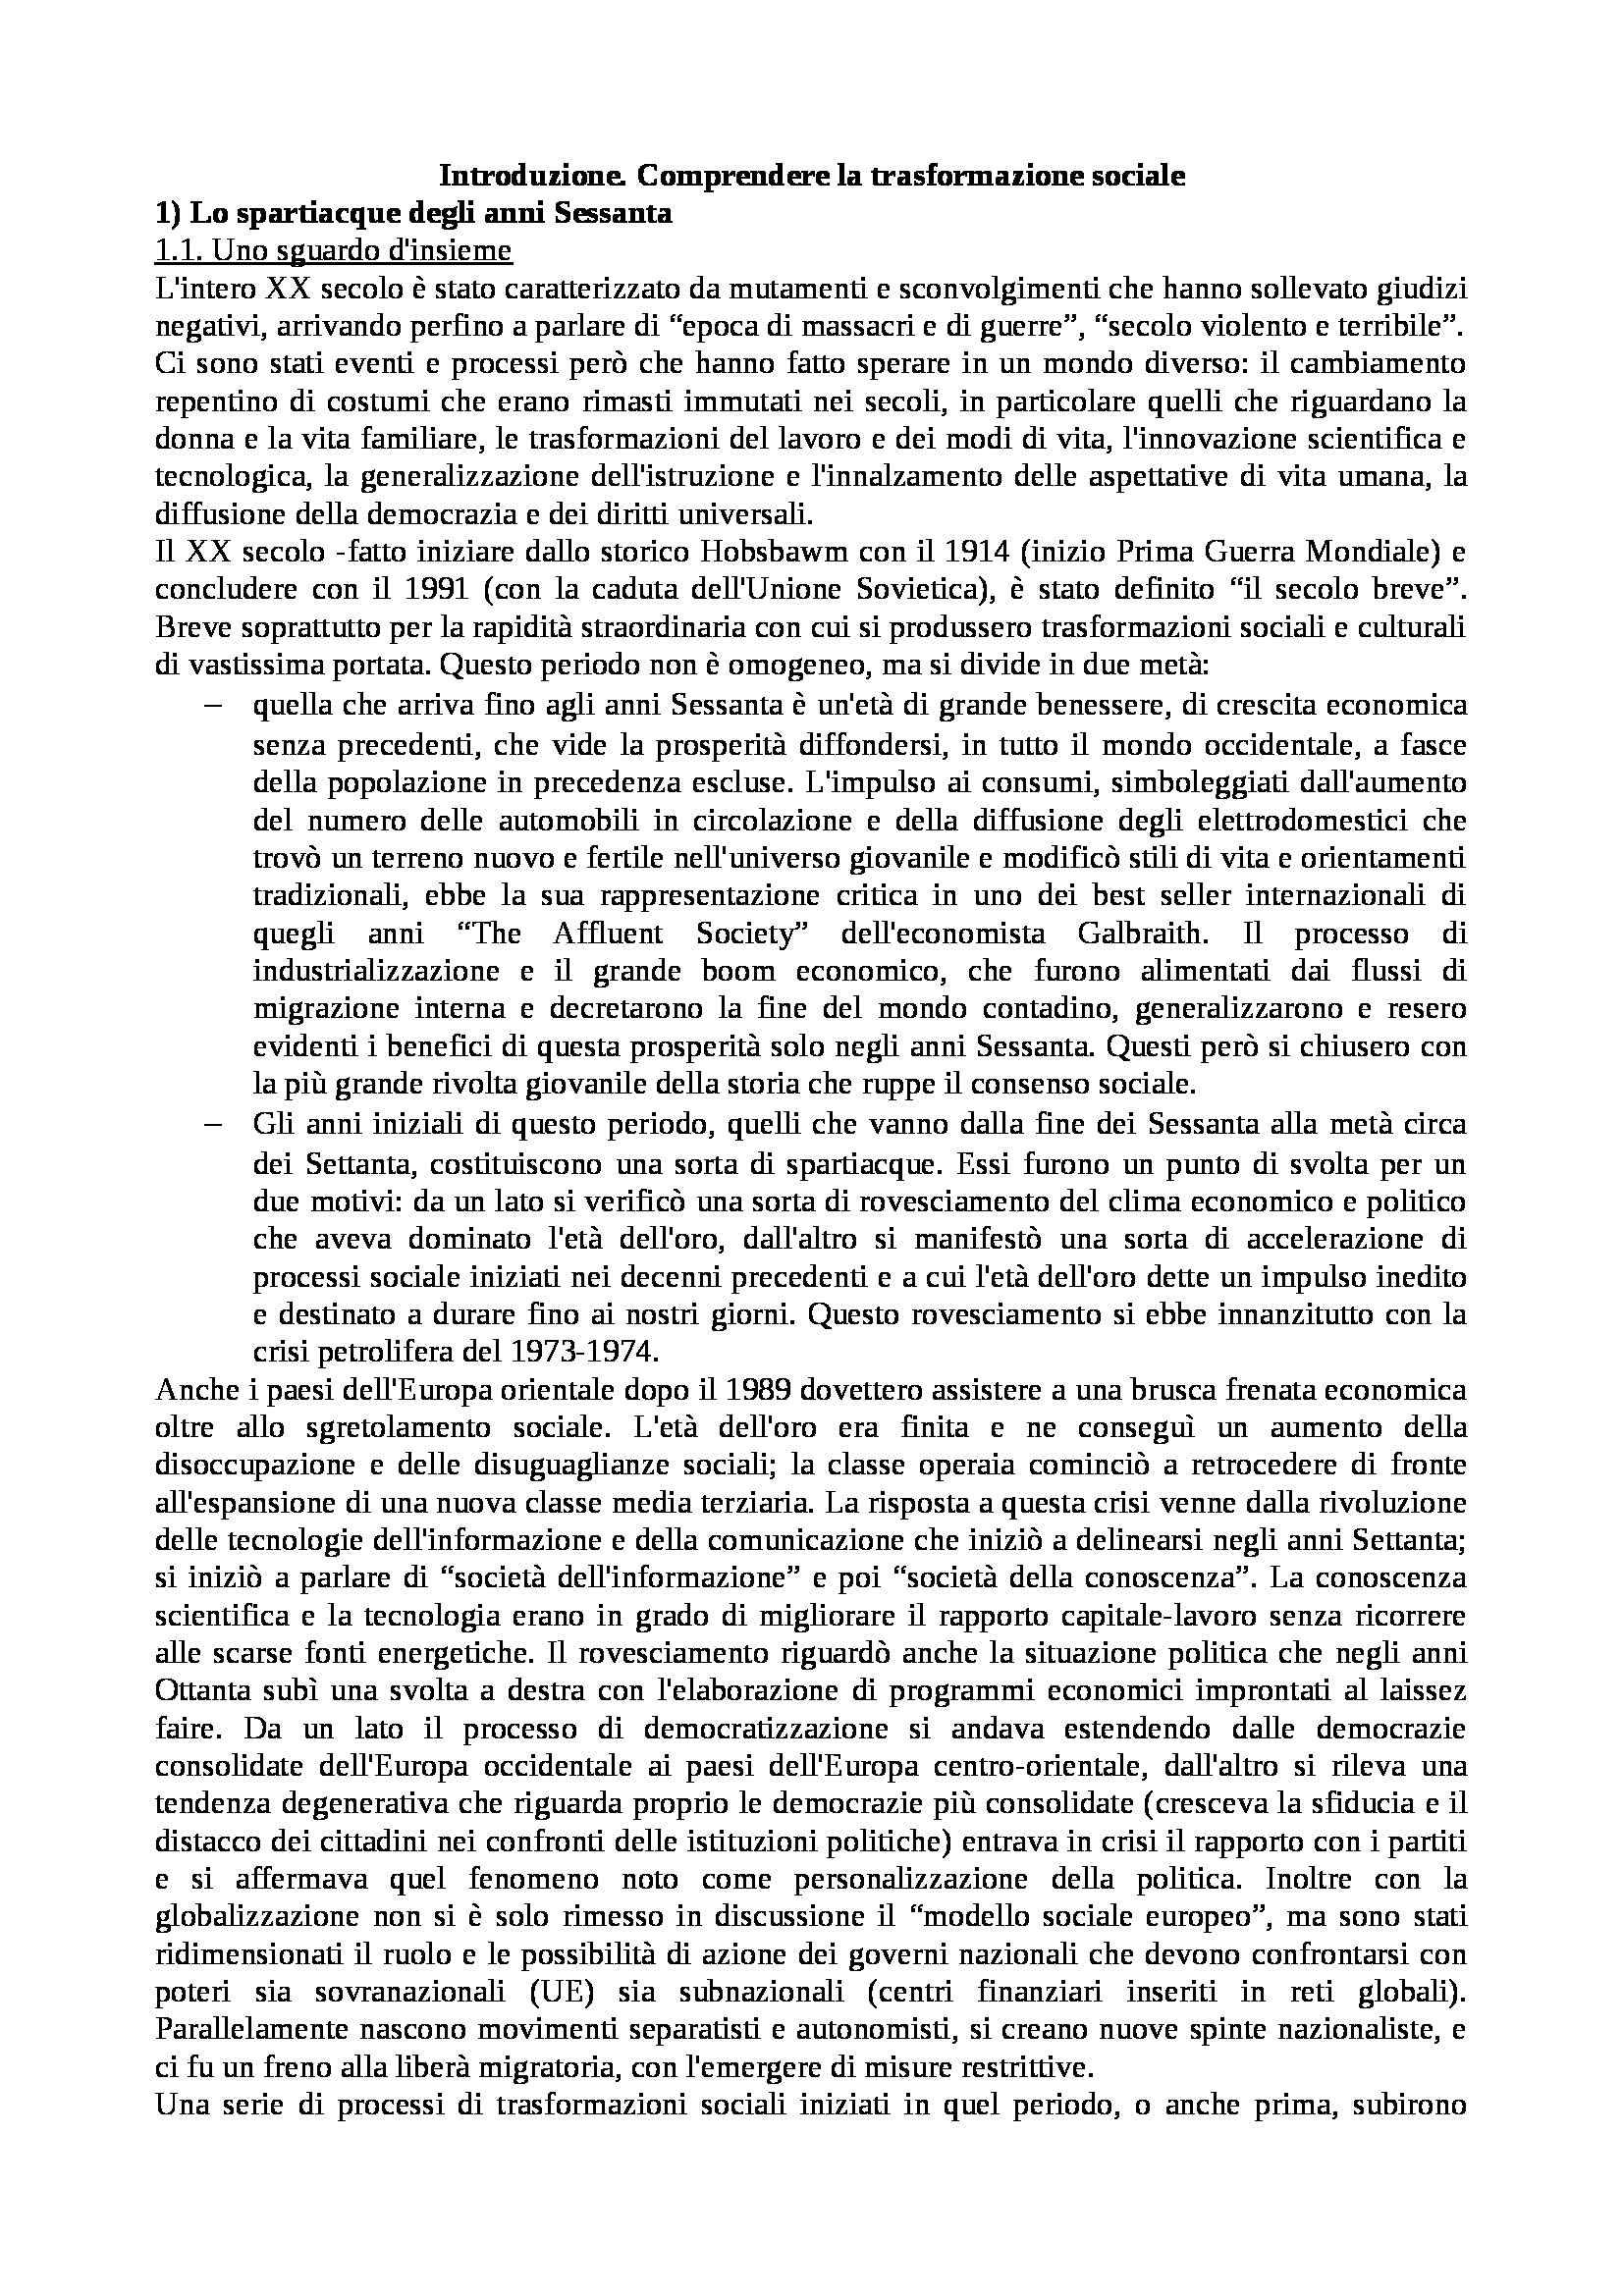 Riassunto esame Istituzioni di Sociologia, libro adottato Processi e Trasformazioni Sociali, Sciolla